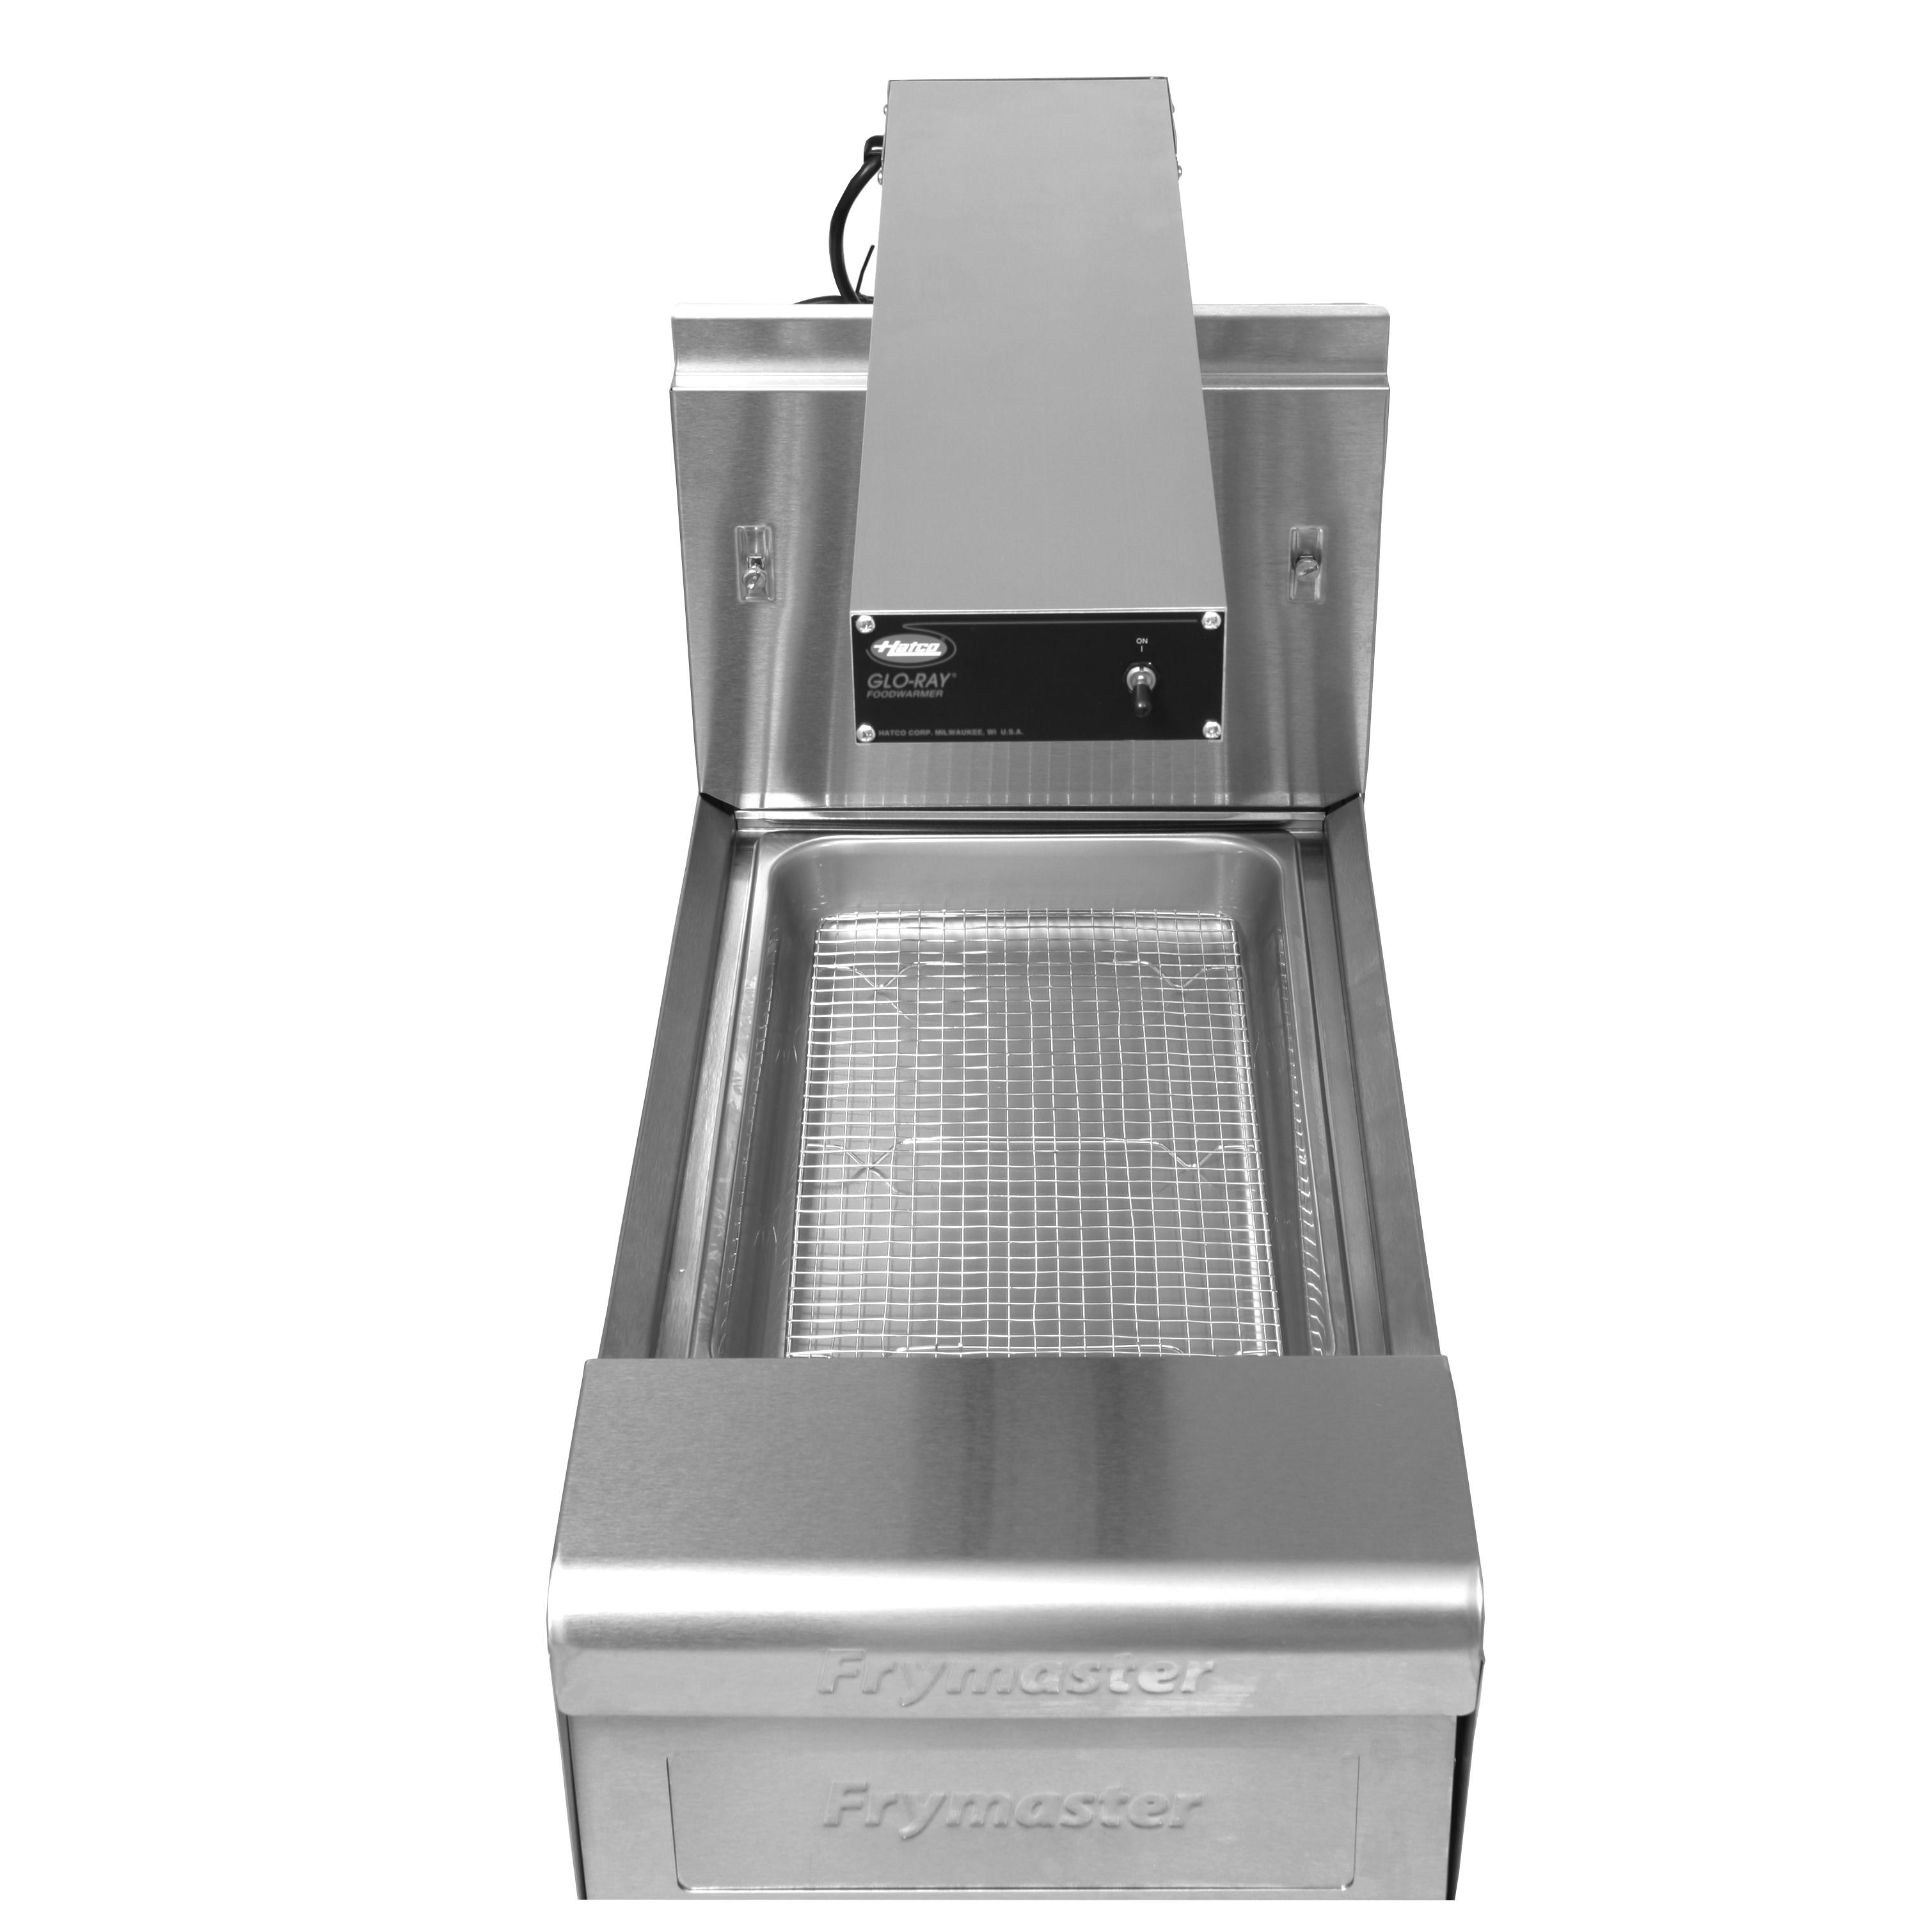 Frymaster FWH-1A french fry warmer